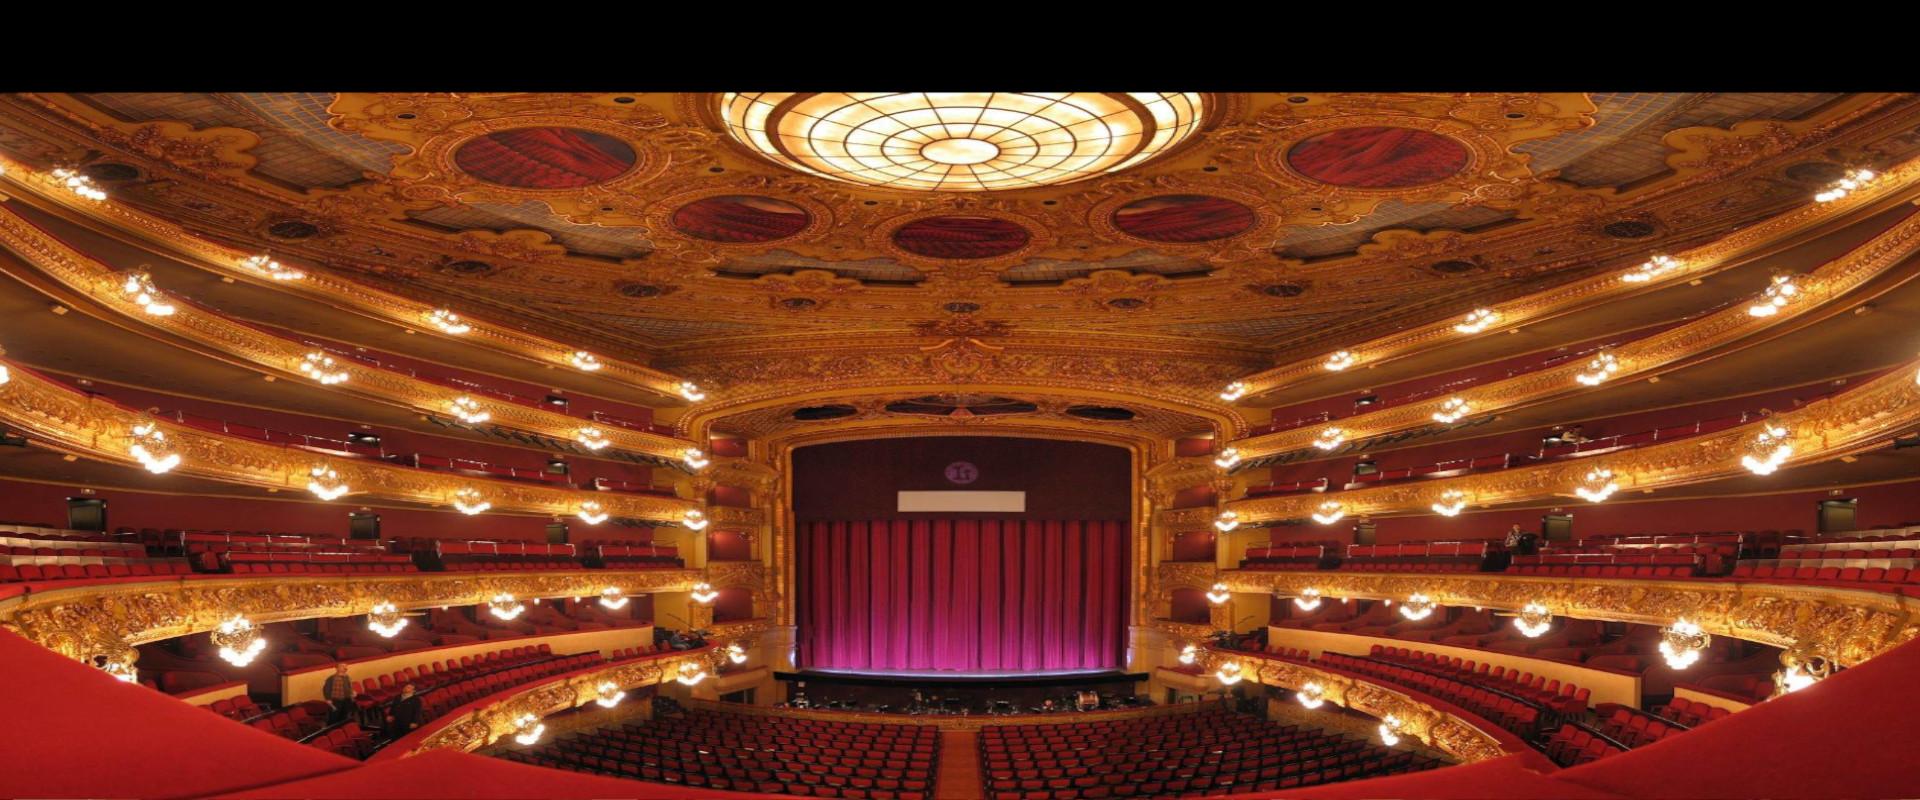 Teatro-alla-Scala_head